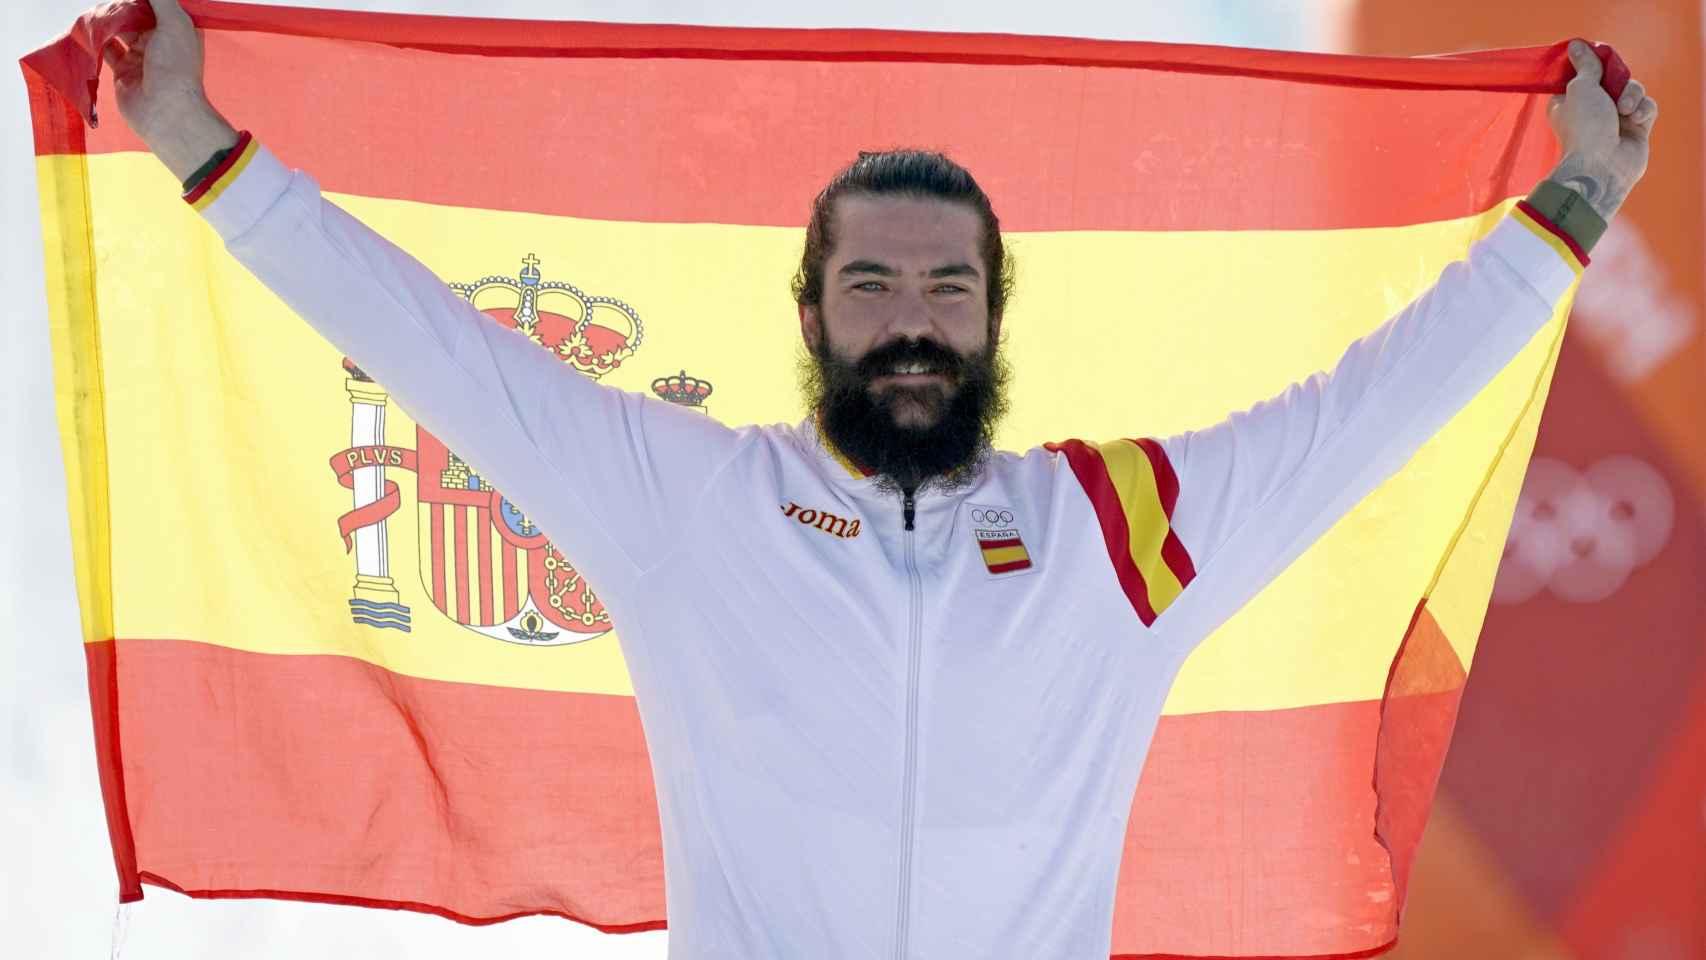 Regino Hernández, feliz, con la bandera de España tras ganar un bronce en los Juegos Olímpicos de invierno.